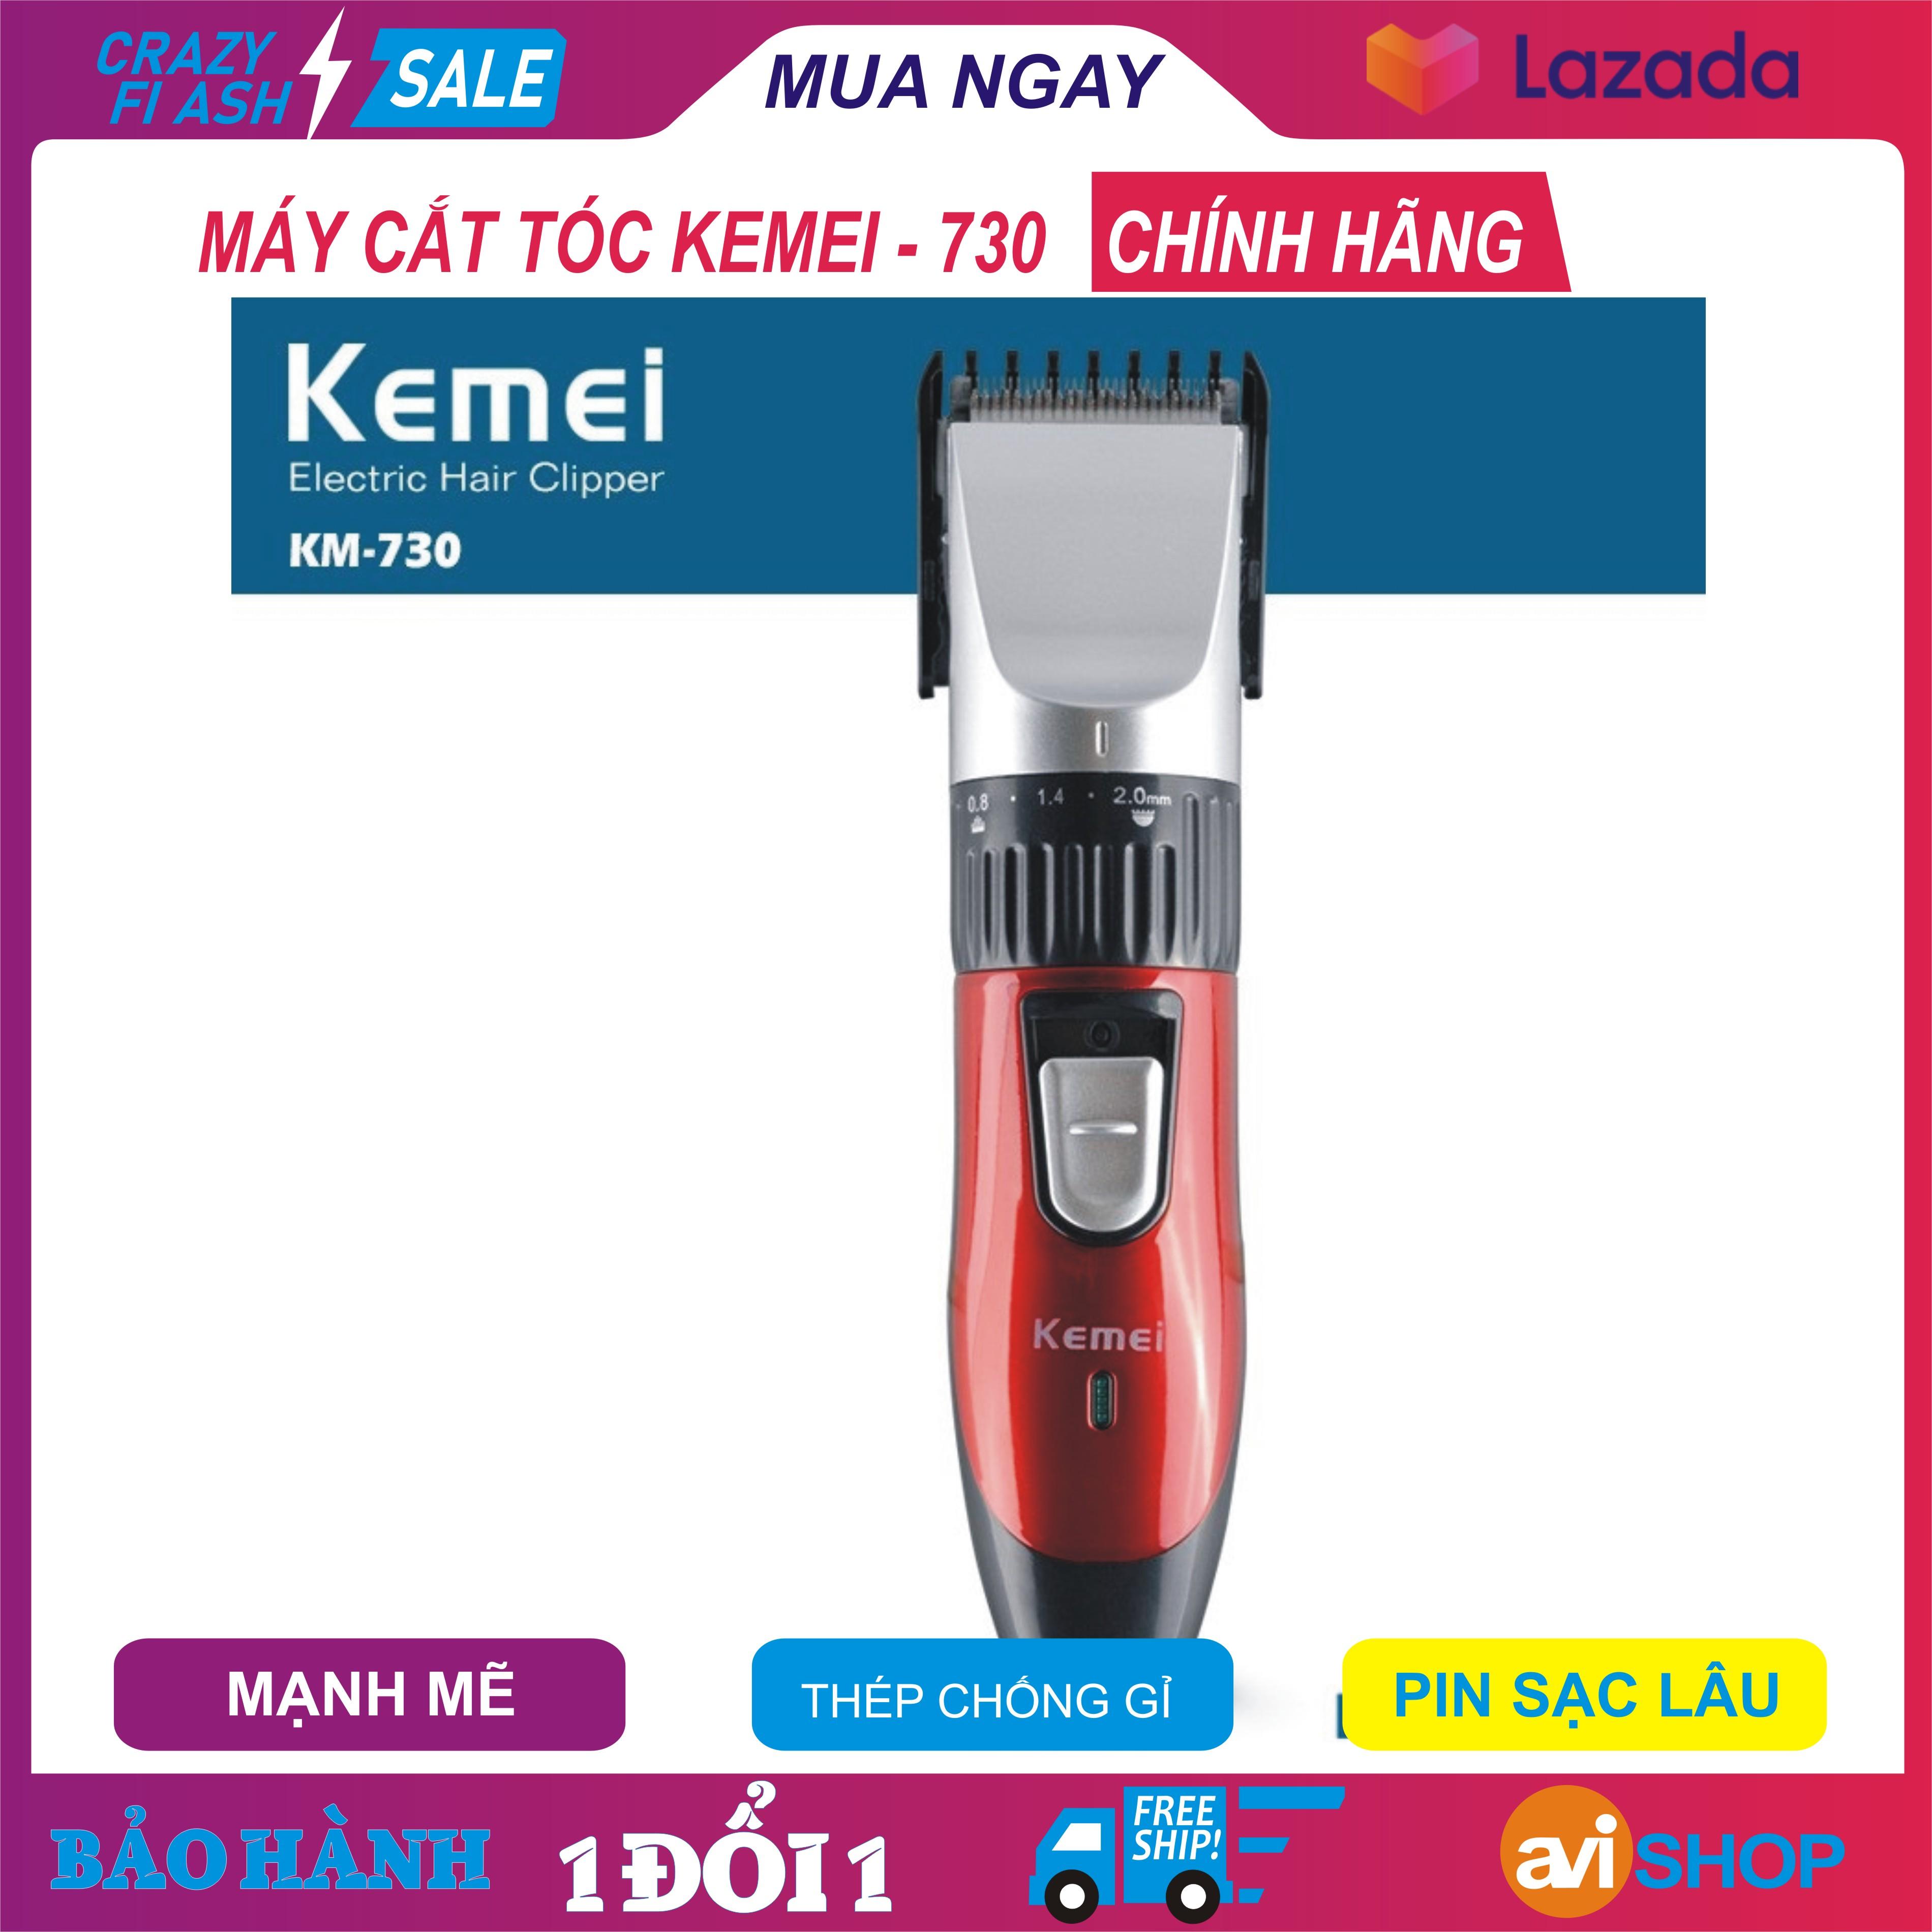 Máy cắt tóc Kemei – KM730, Tông đơ cắt  tóc trẻ em, người lớn, Hàng chất thép không gỉ, chống nước, pin sạc lâu, đầu cắt chuẩn, Giá SHOCk - aviSHOP cao cấp